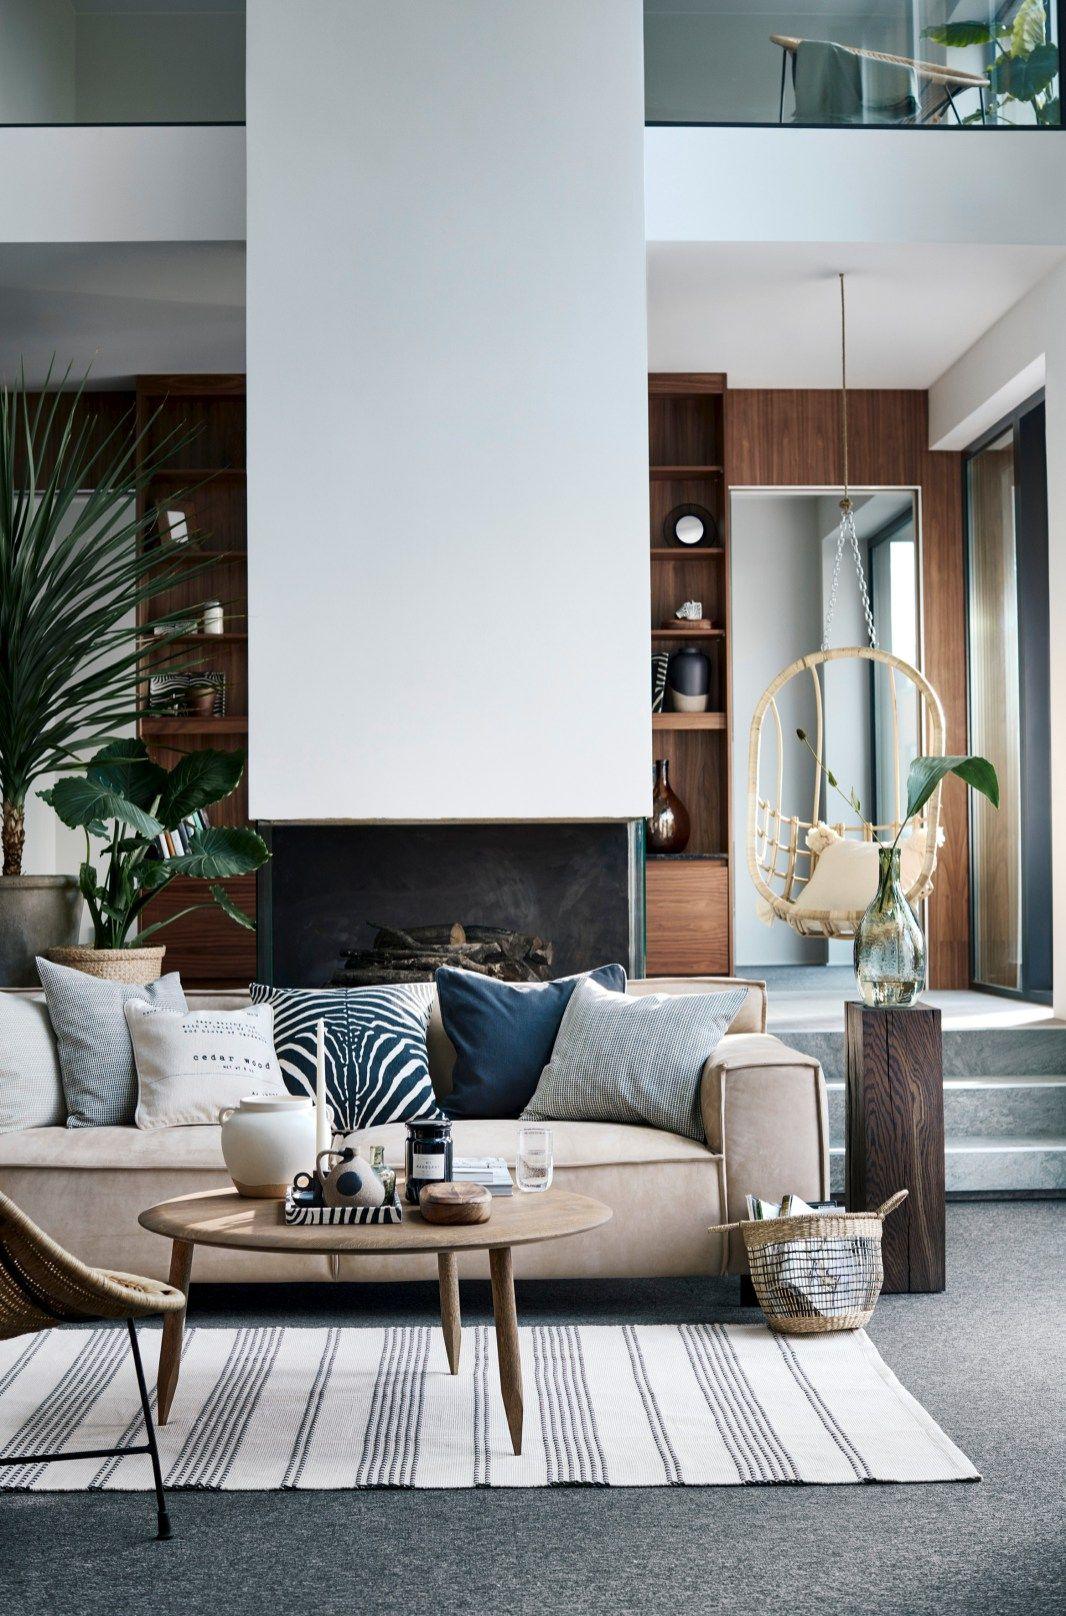 comment nettoyer couette oreiller tapis rideaux plaid. Black Bedroom Furniture Sets. Home Design Ideas